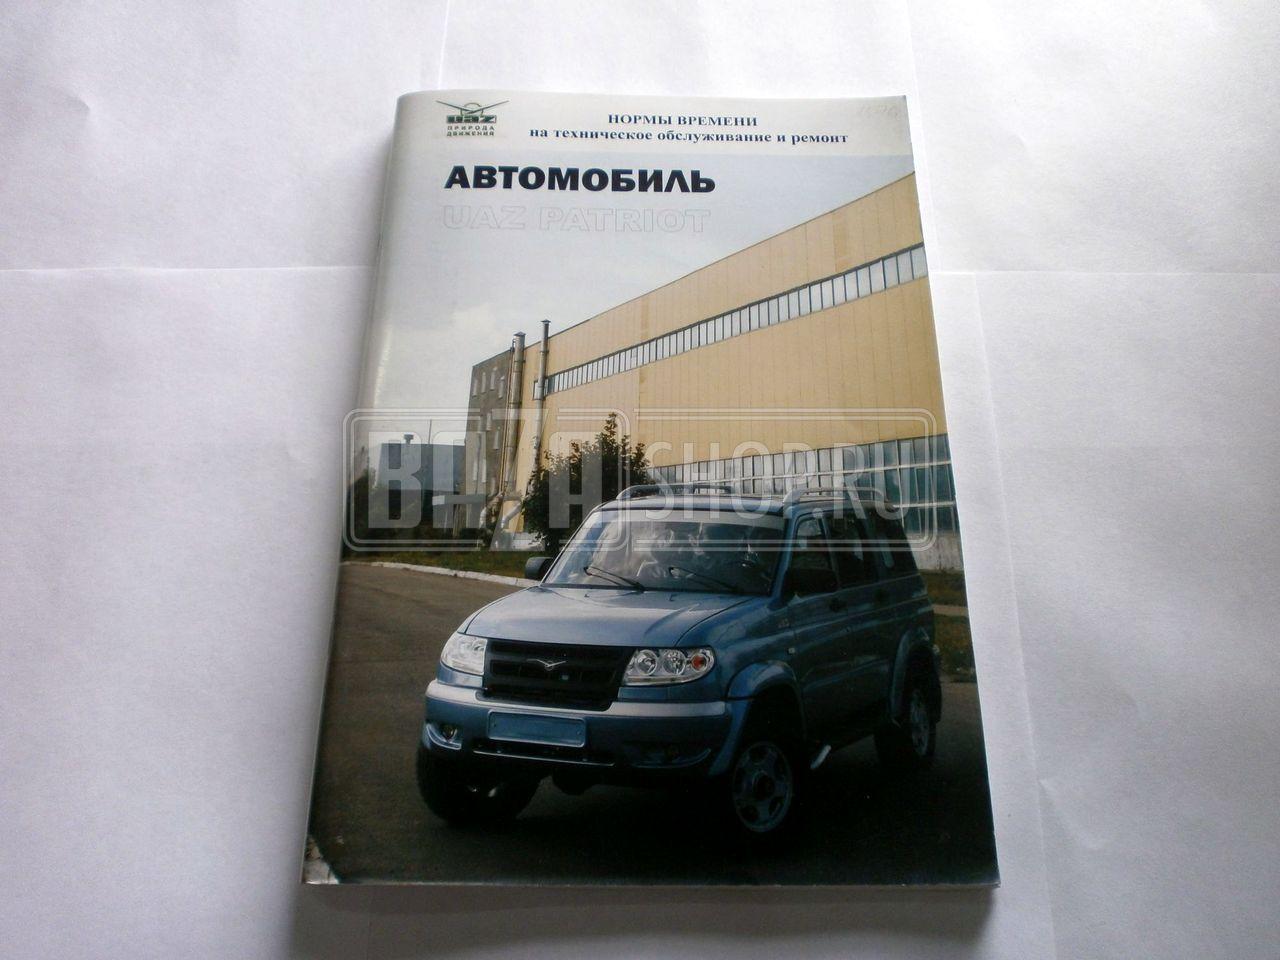 9283f59ba822 Каталоги и руководства УАЗ — купить в Крыму | Страница 3.8 | BAZA